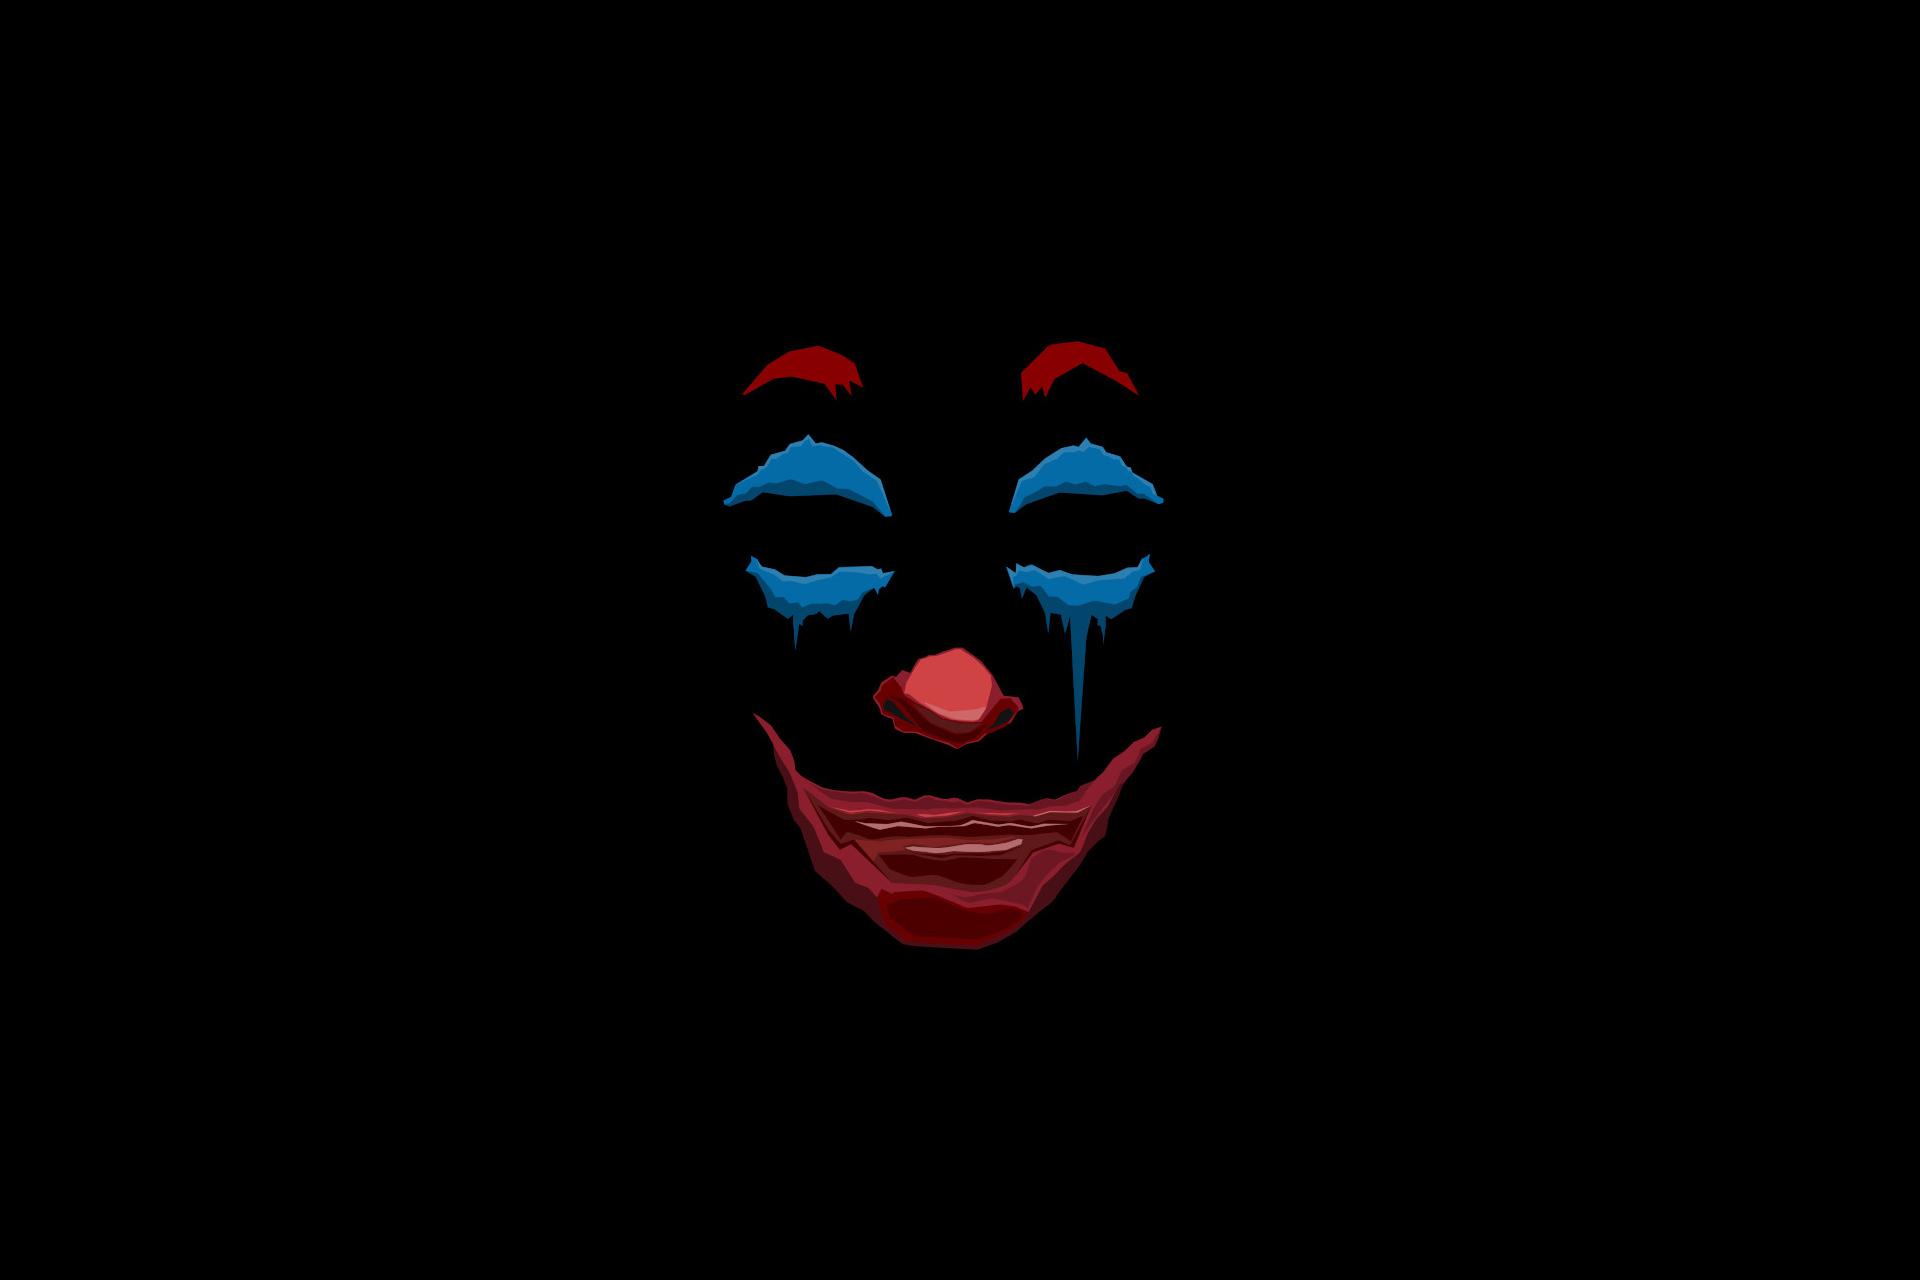 Joker Movie Minimalist Wallpaper Hd Minimalist 4k